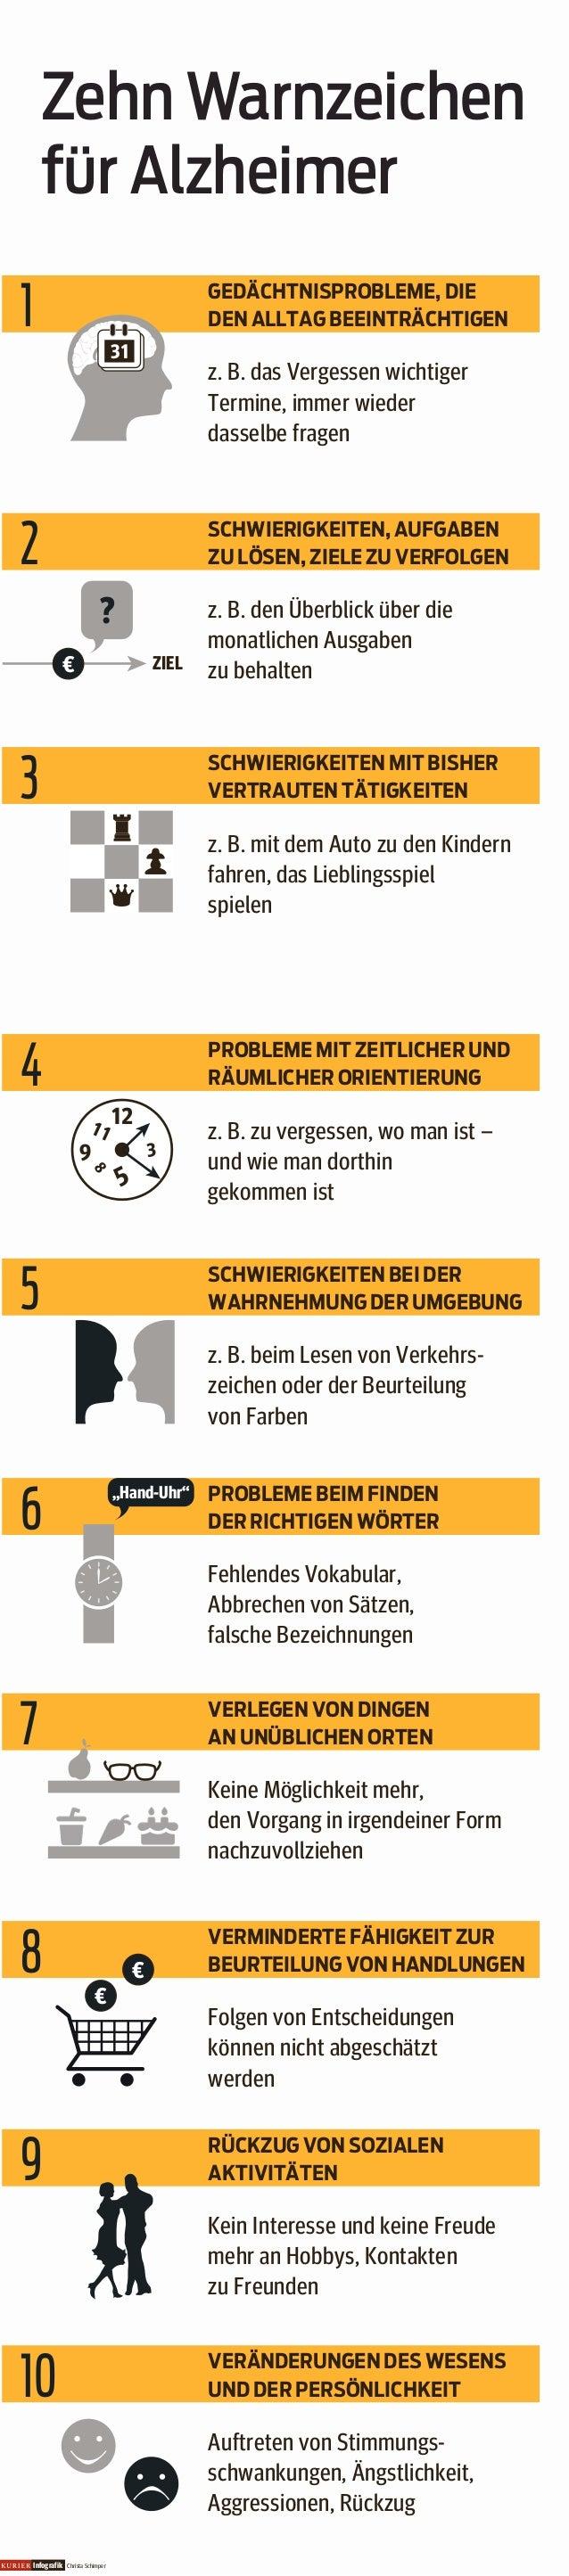 Zehn Warnzeichen  für Alzheimer  1 GEDÄCHTNISPROBLEME, DIE  2 SCHWIERIGKEITEN, AUFGABEN  ?  3 SCHWIERIGKEITEN MIT BISHER  ...